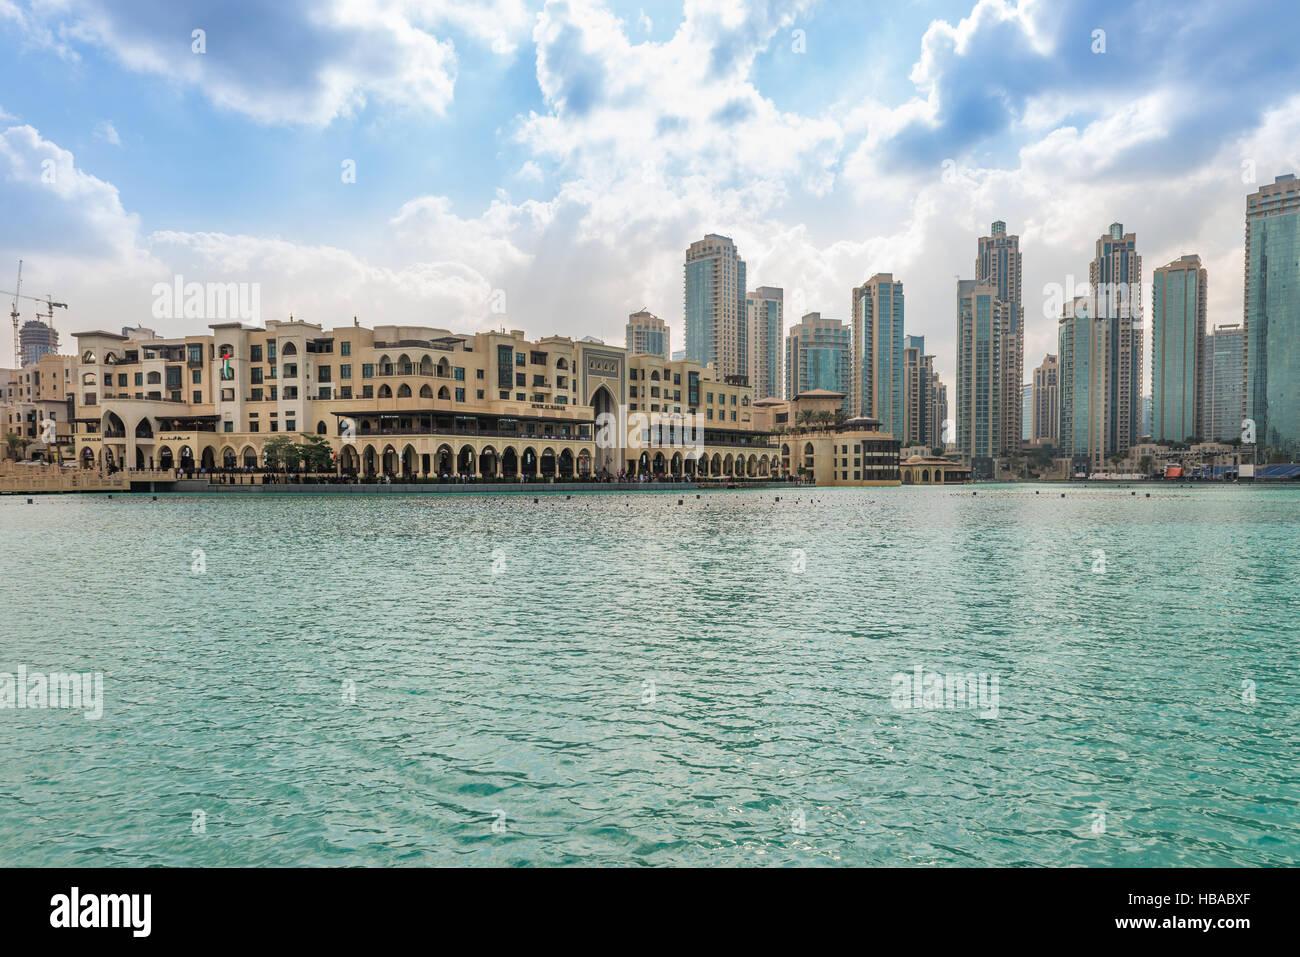 Commercial Centre Souk Al Bahar, Dubai - Stock Image